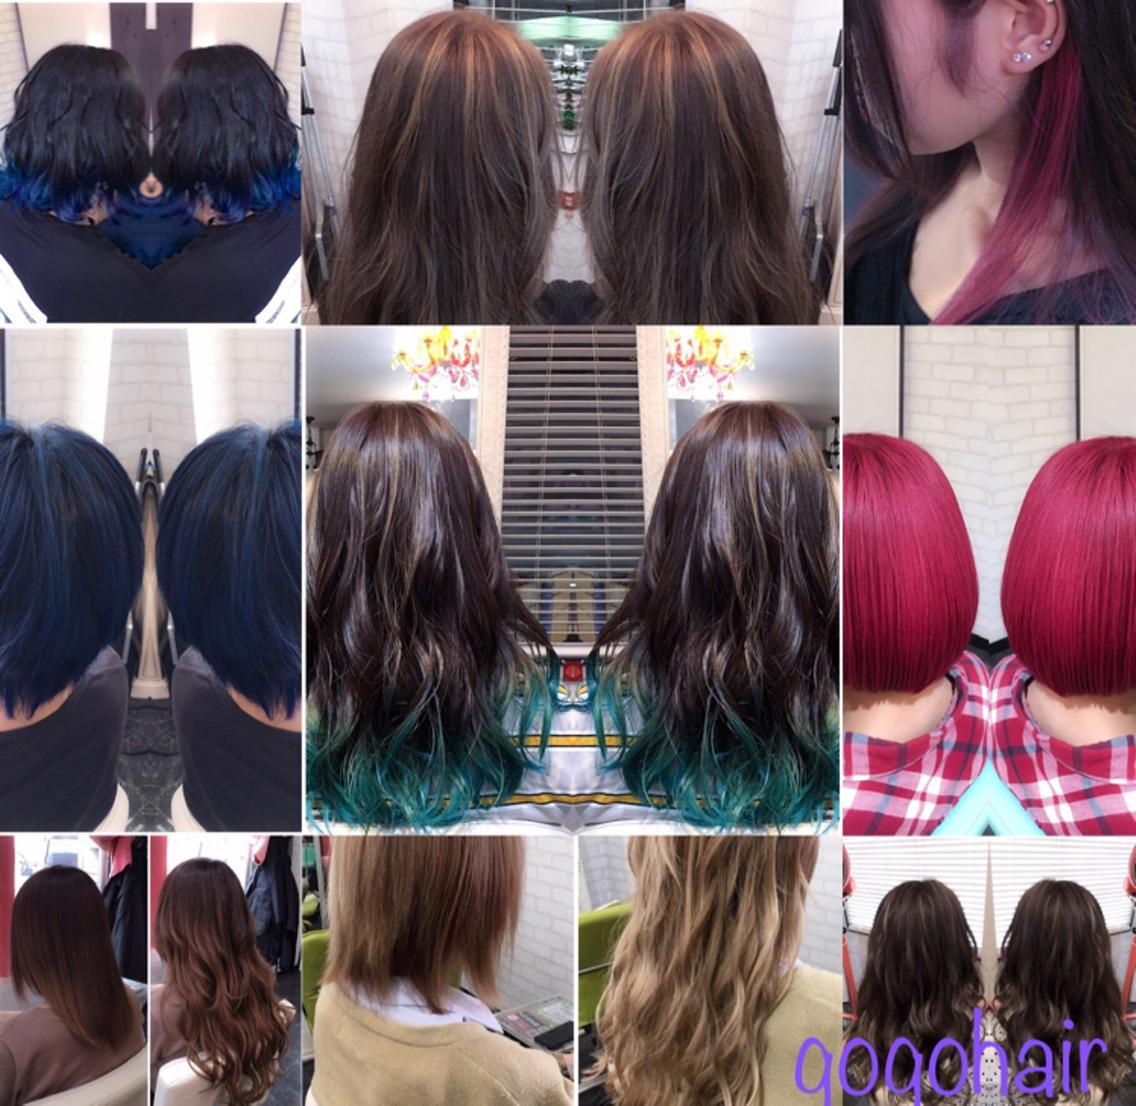 ✨デザインカラー&エクステ地域No.1✨  外国人風Hair ハイライト バレイヤージュ インナーカラー パーソナルカラーリングで素髪から綺麗を作る♦️✂︎メンズも大歓迎✂︎